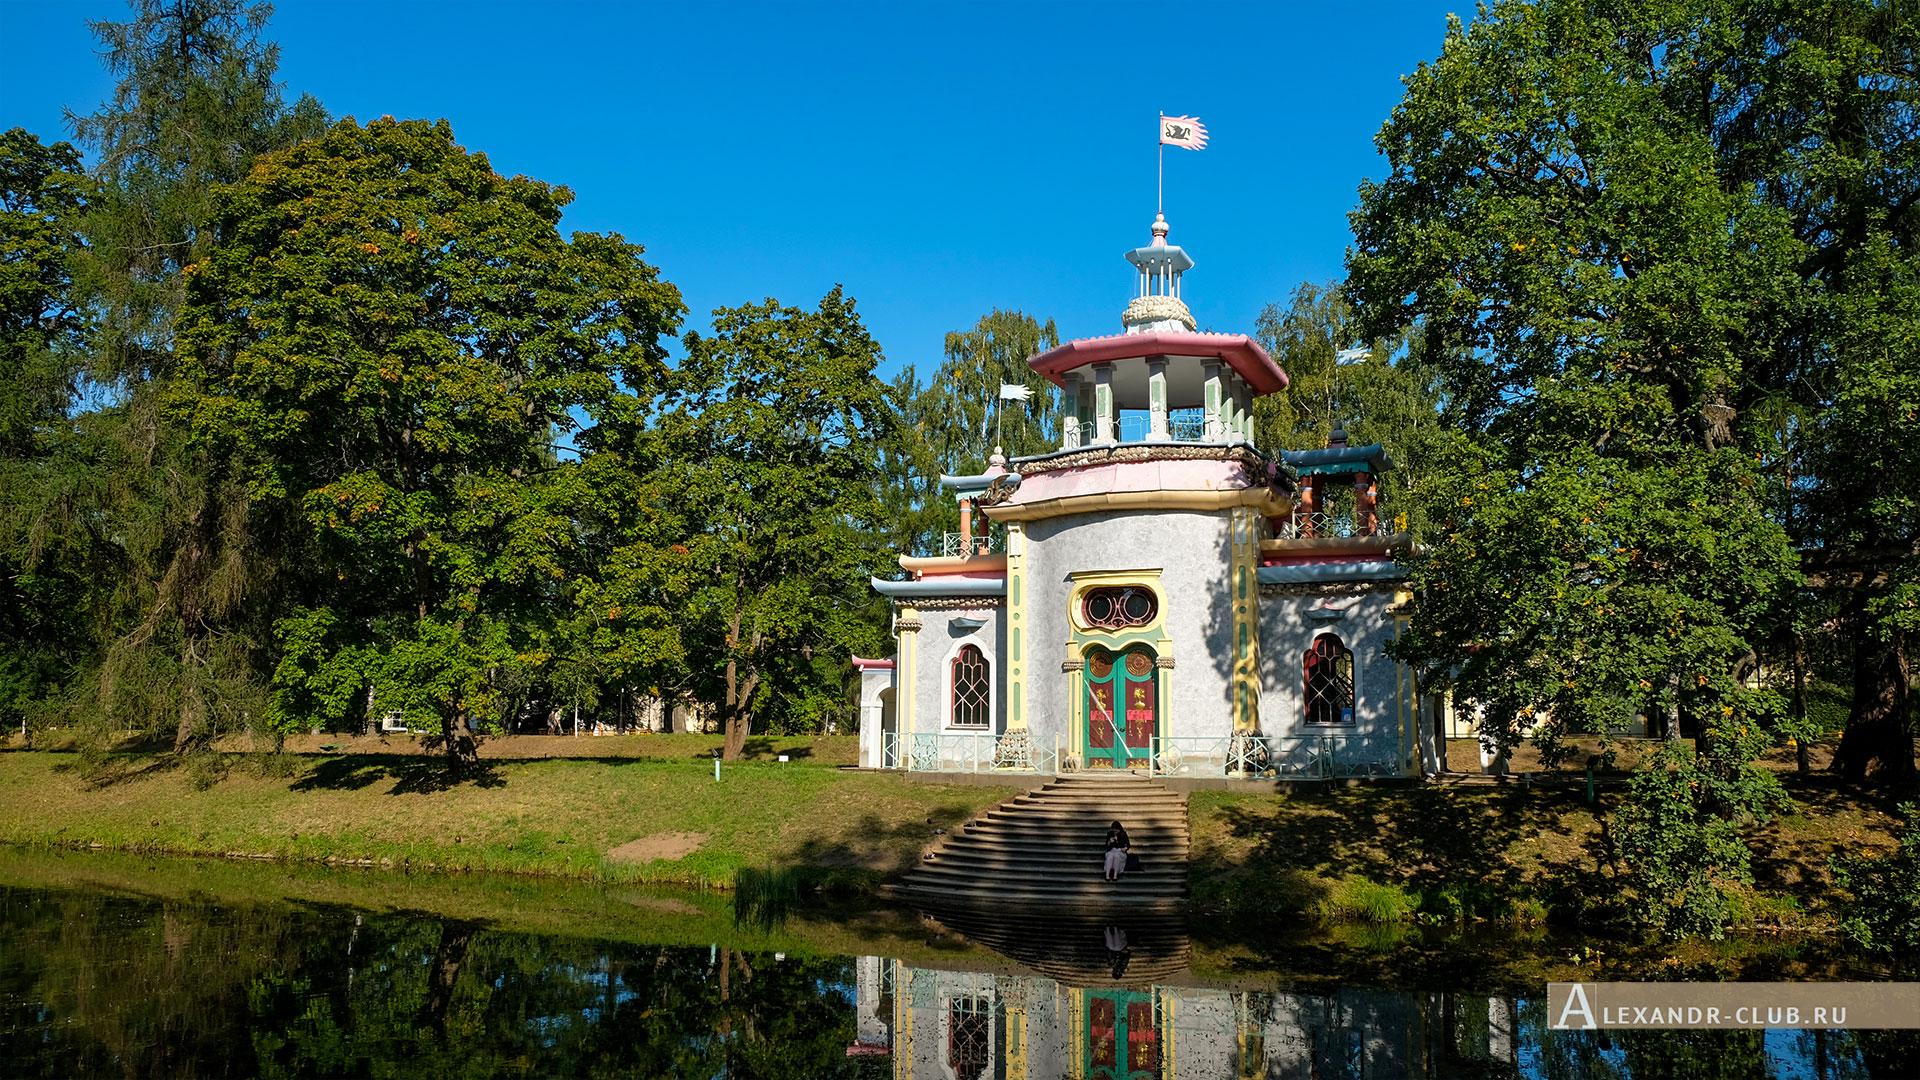 Царское Село, лето, Екатерининский парк, павильон «Скрипучая беседка»